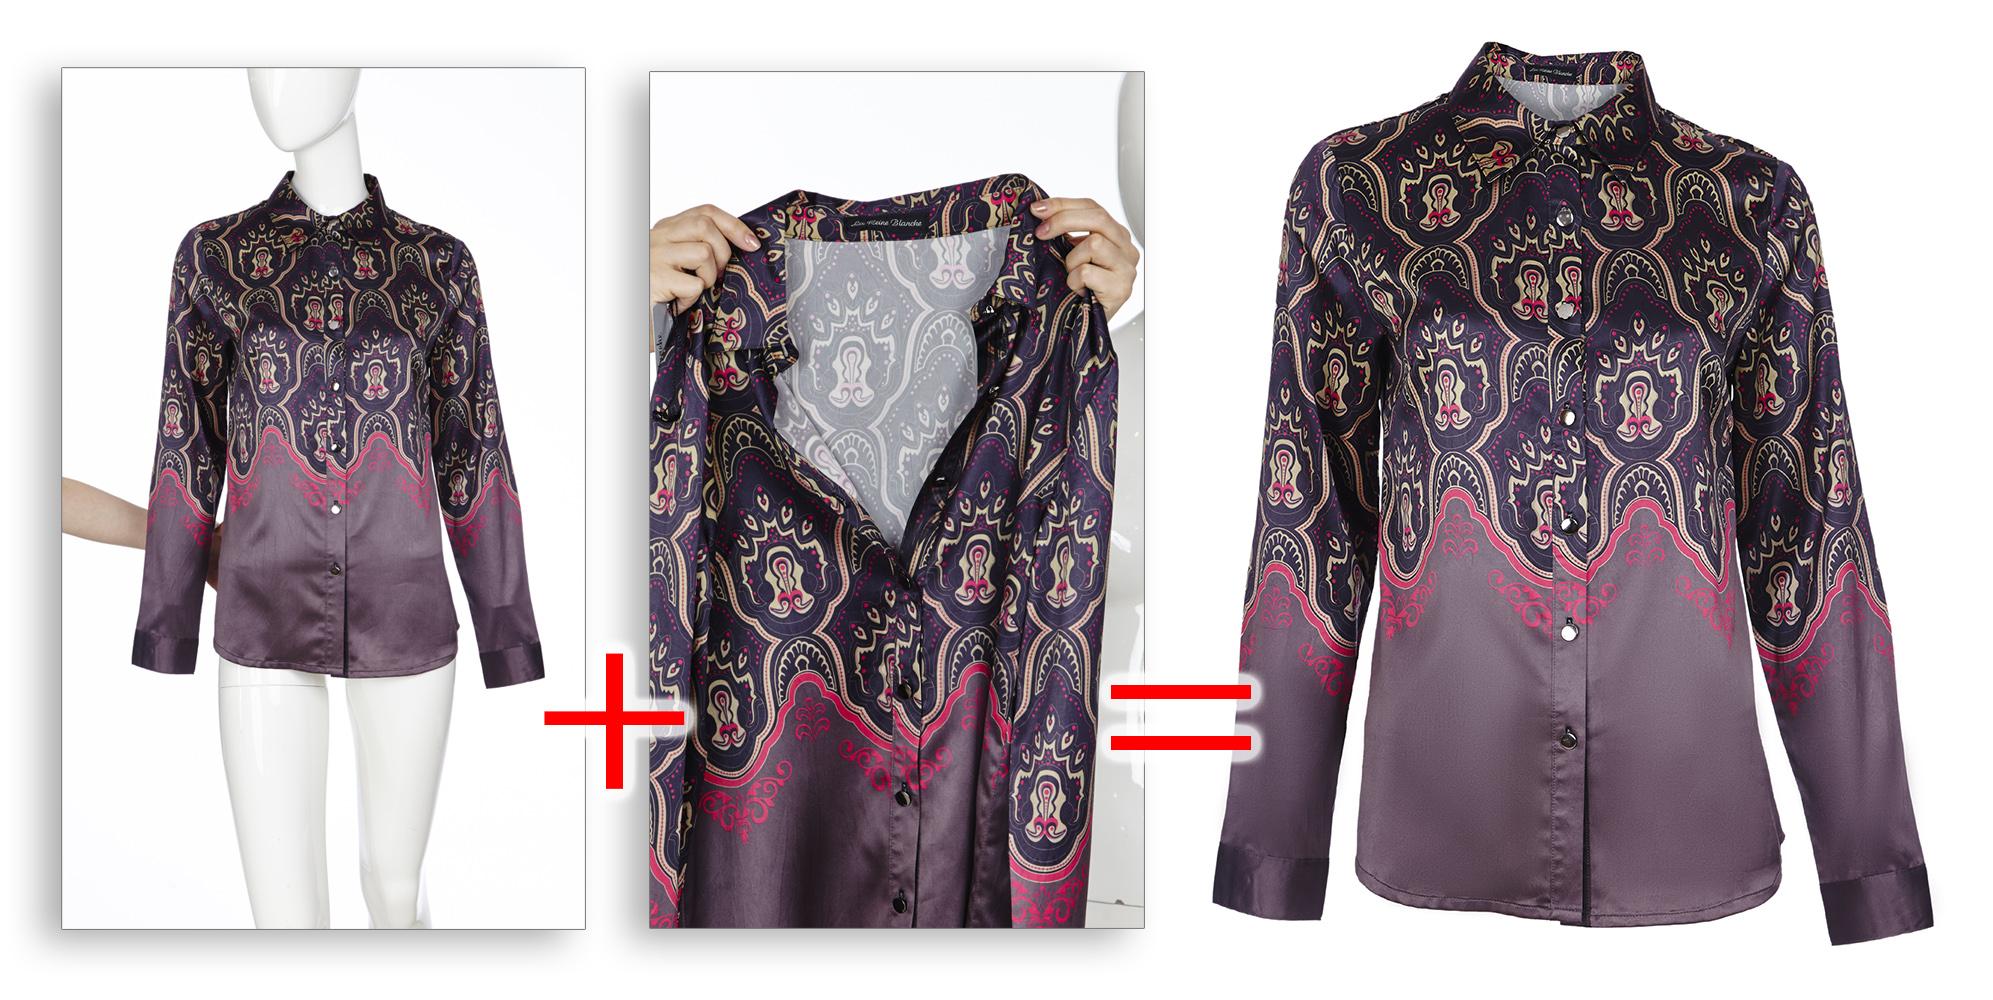 Обтравка одежды с манекена с подстановкой заднего плана